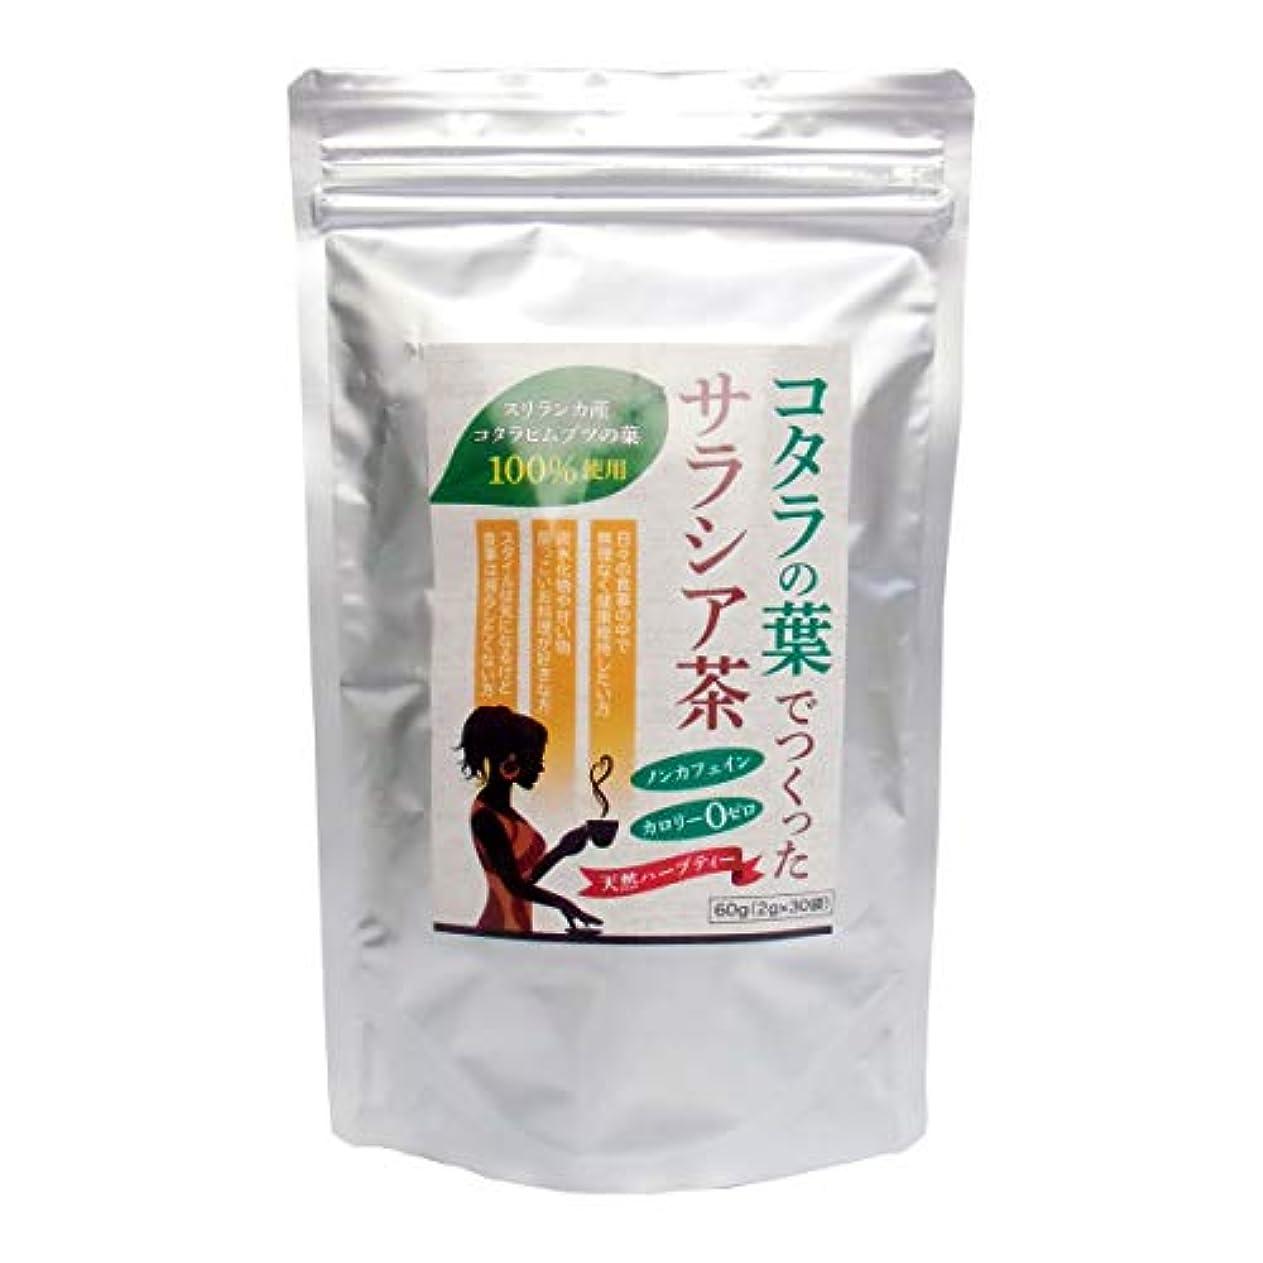 でる障害者懐疑的【初回限定お試し価格】コタラの葉でつくったサラシア茶 (茶葉タイプ) 60g (2g×30袋)